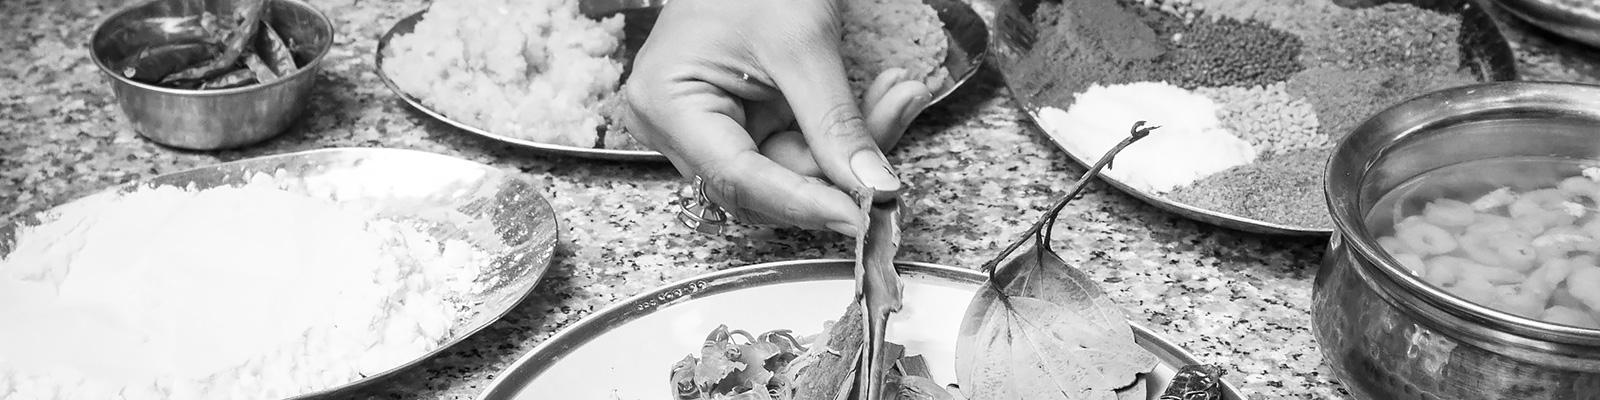 インド カレー スパイス 調理 イメージ